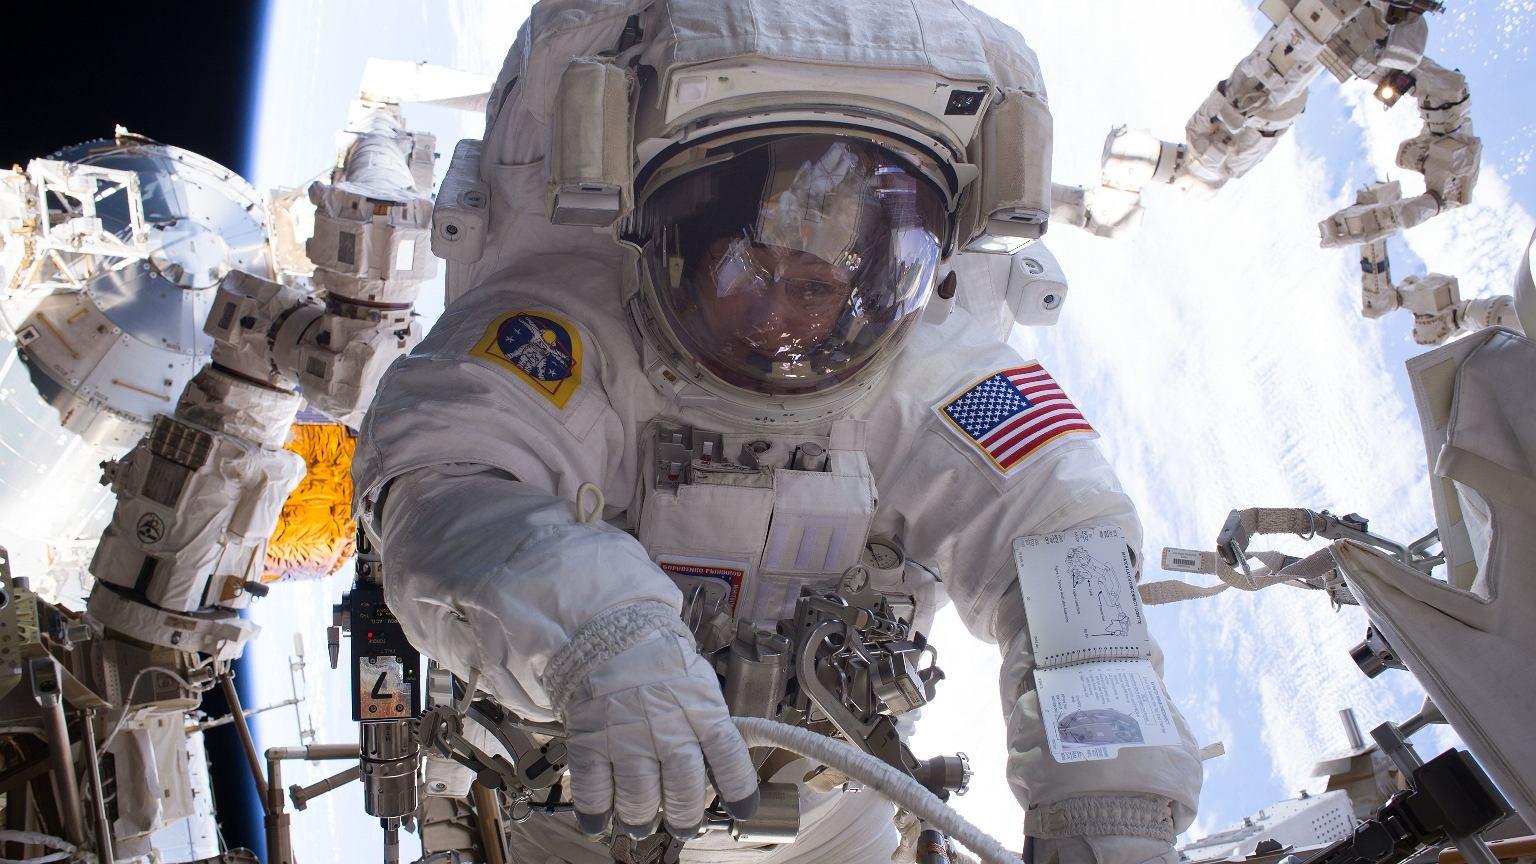 Peggy Whitson to pierwsza kobieta, która dowodziła stacją kosmiczną